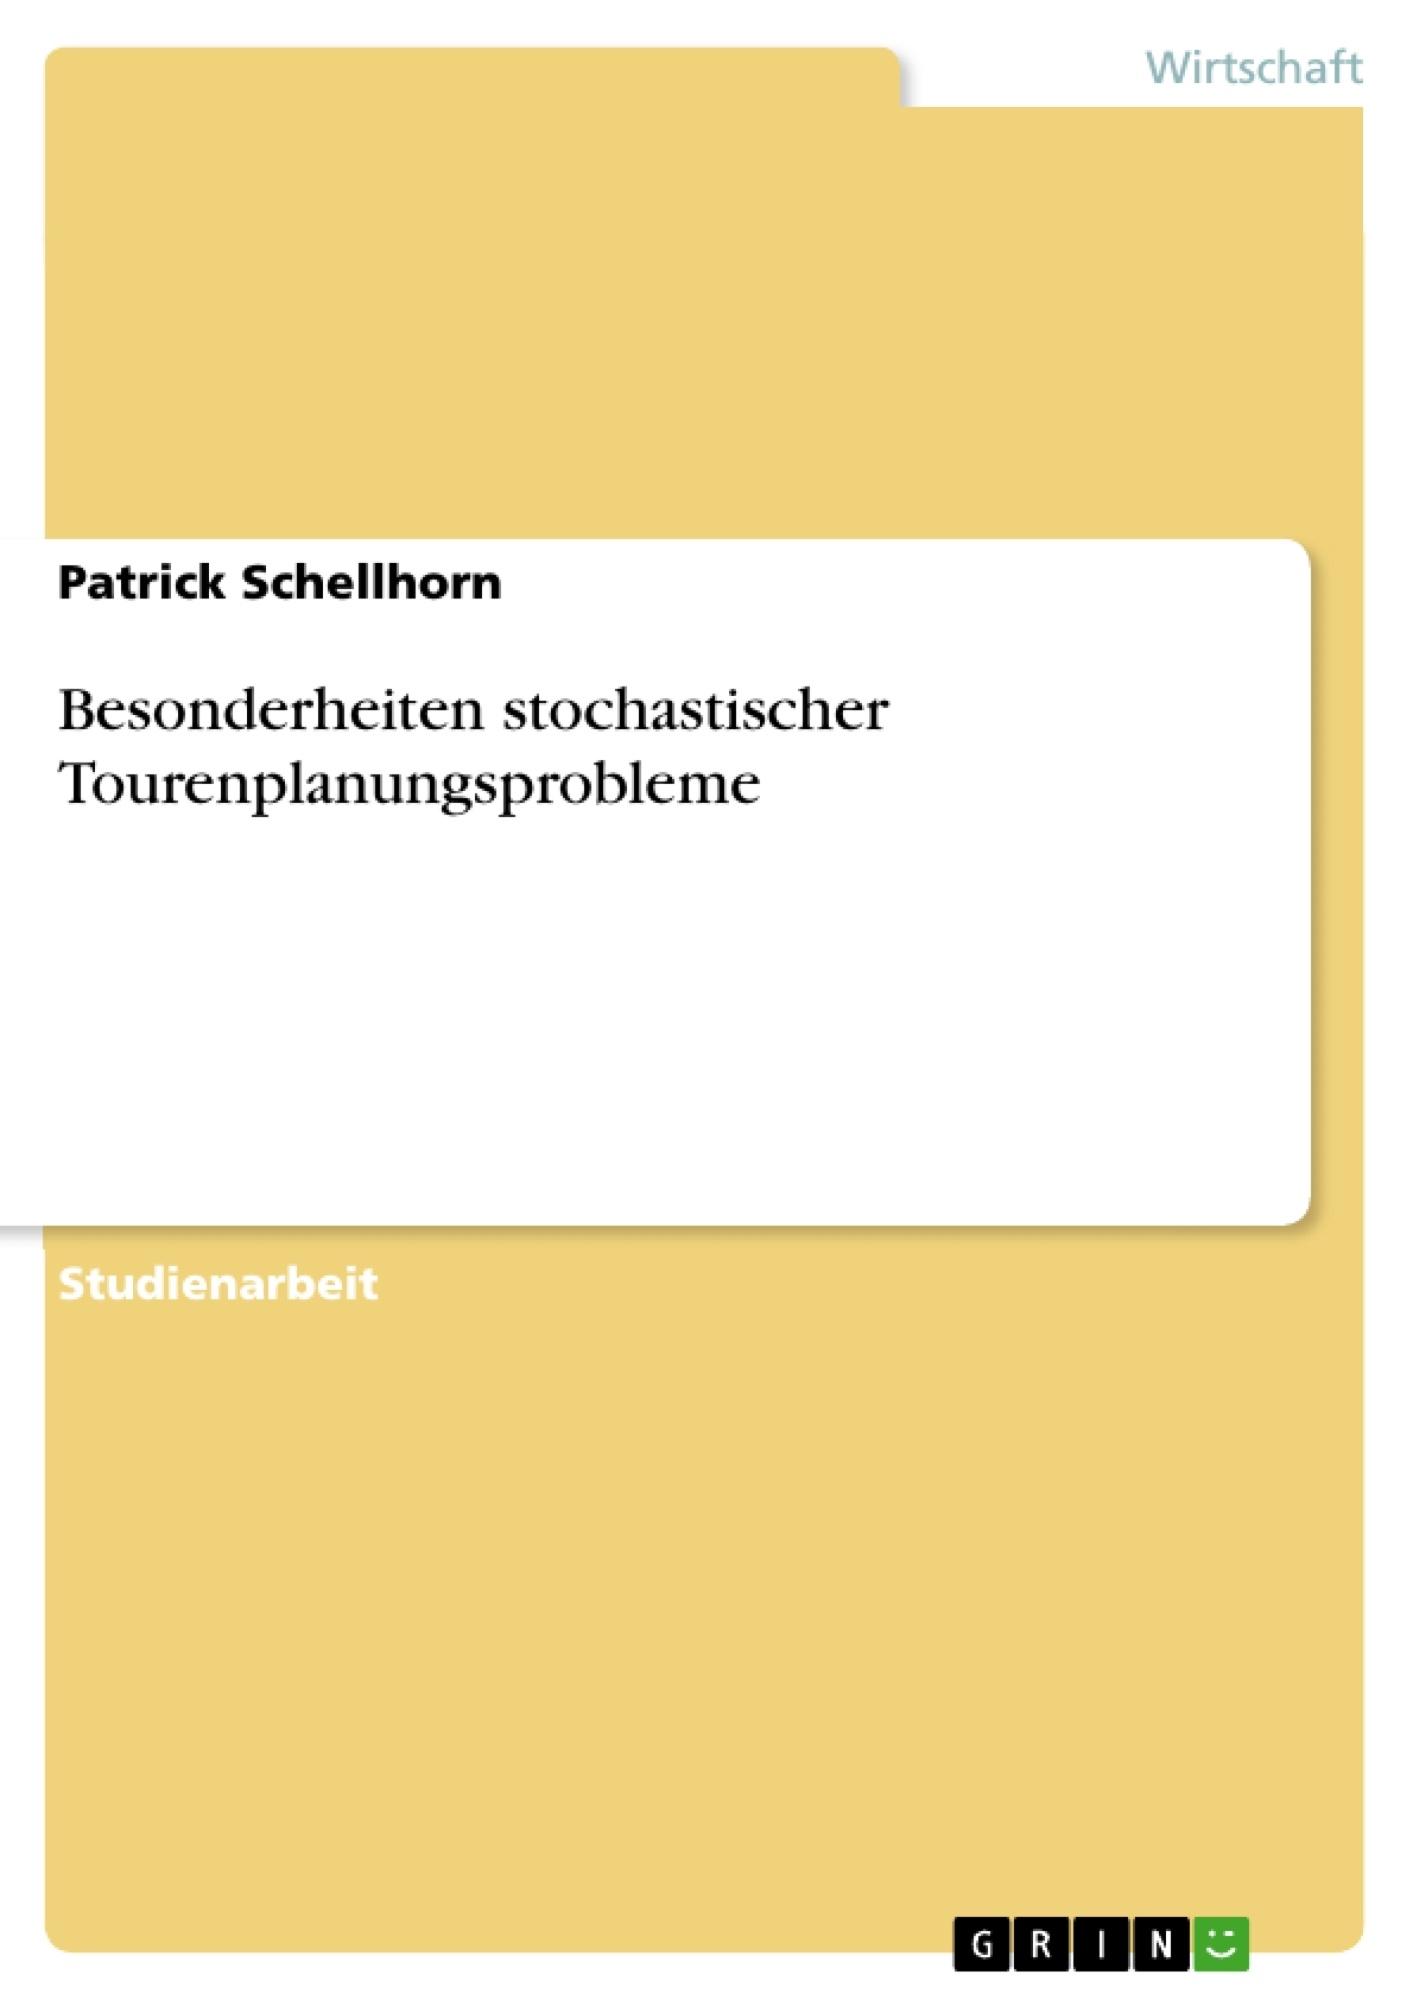 Titel: Besonderheiten stochastischer Tourenplanungsprobleme